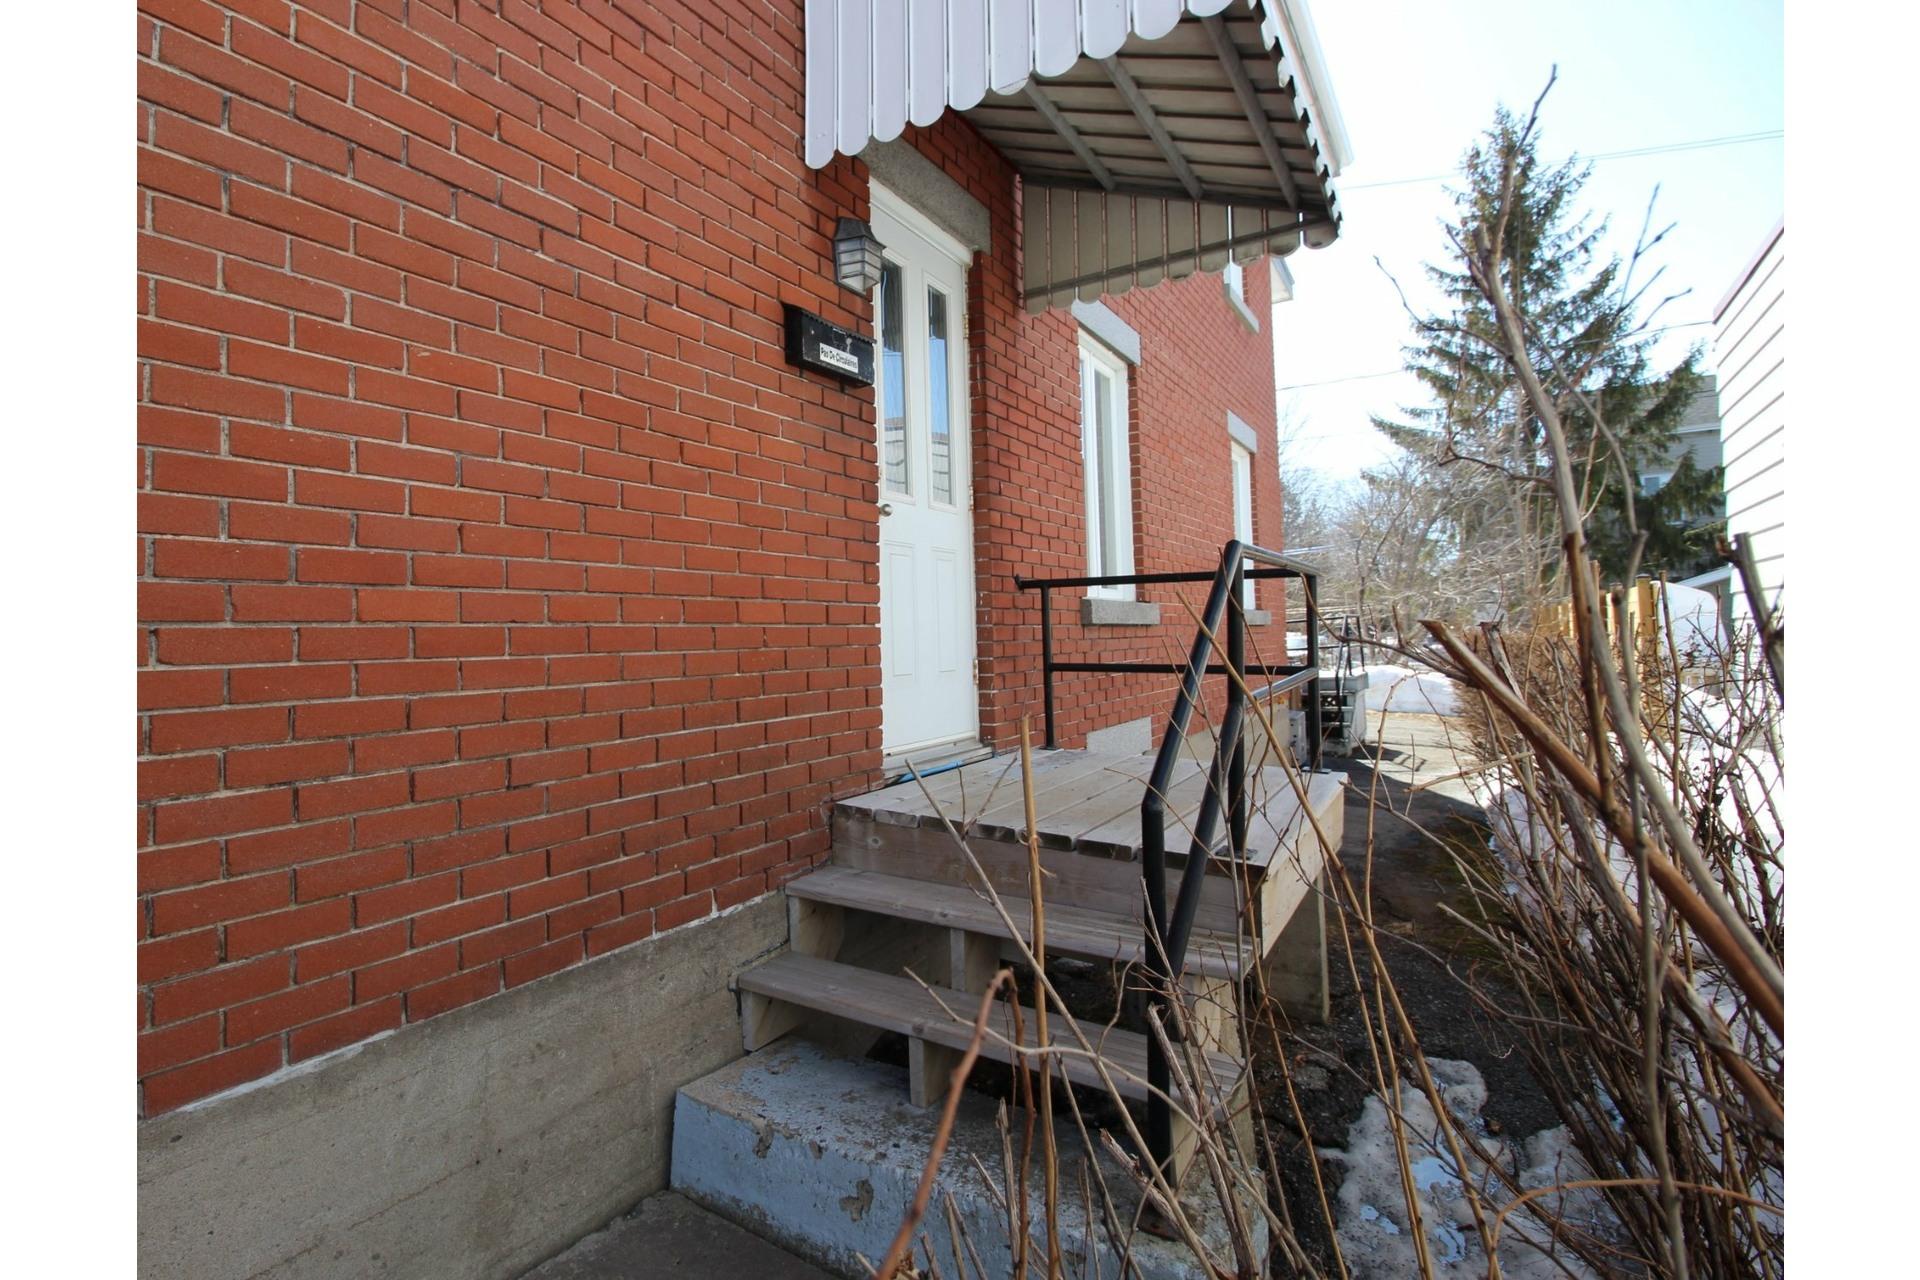 image 39 - Duplex For sale Joliette - 5 rooms